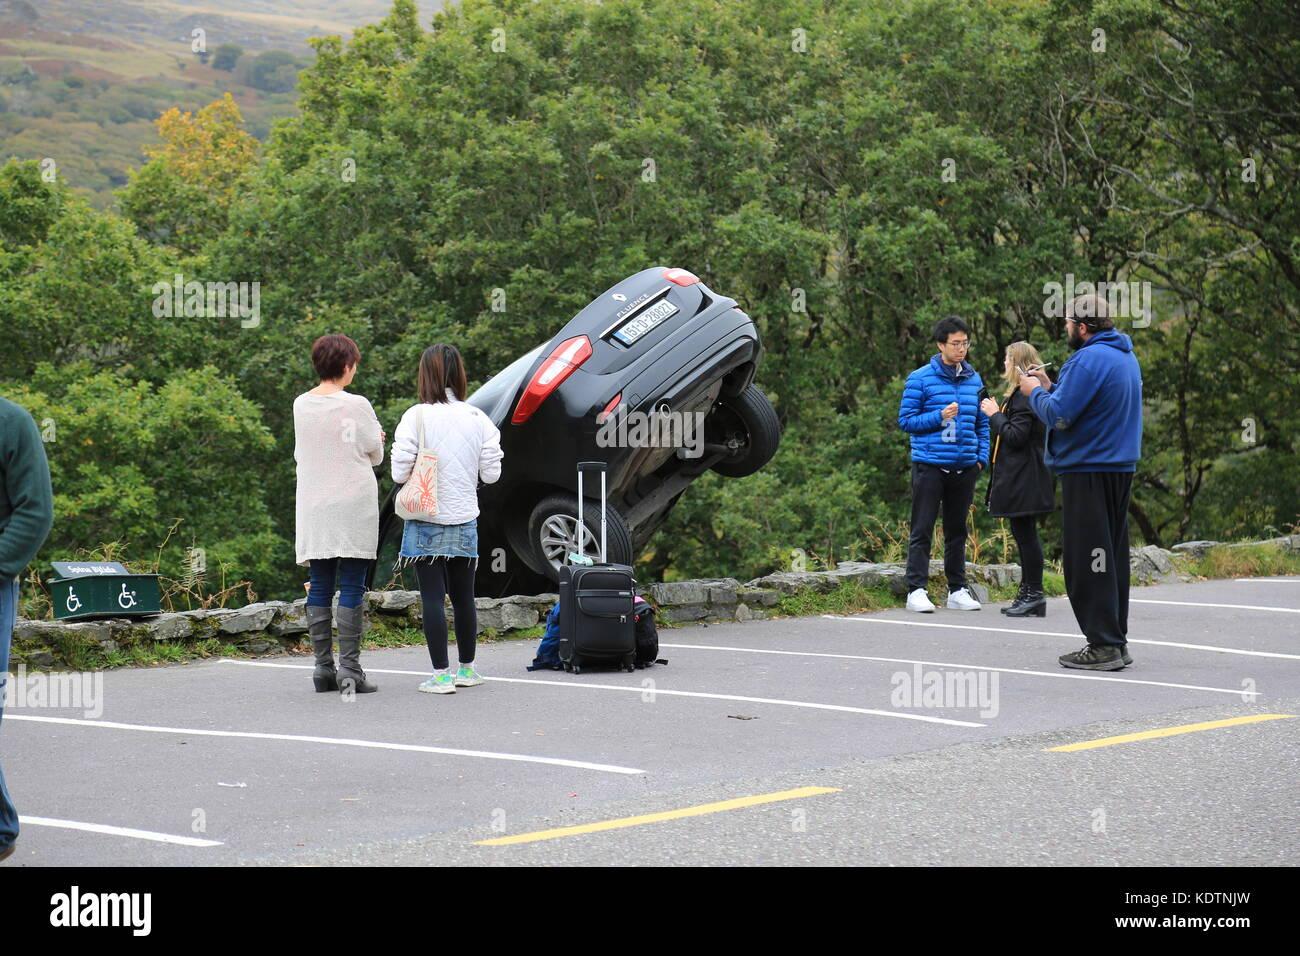 Brighton Car Accident Cctv